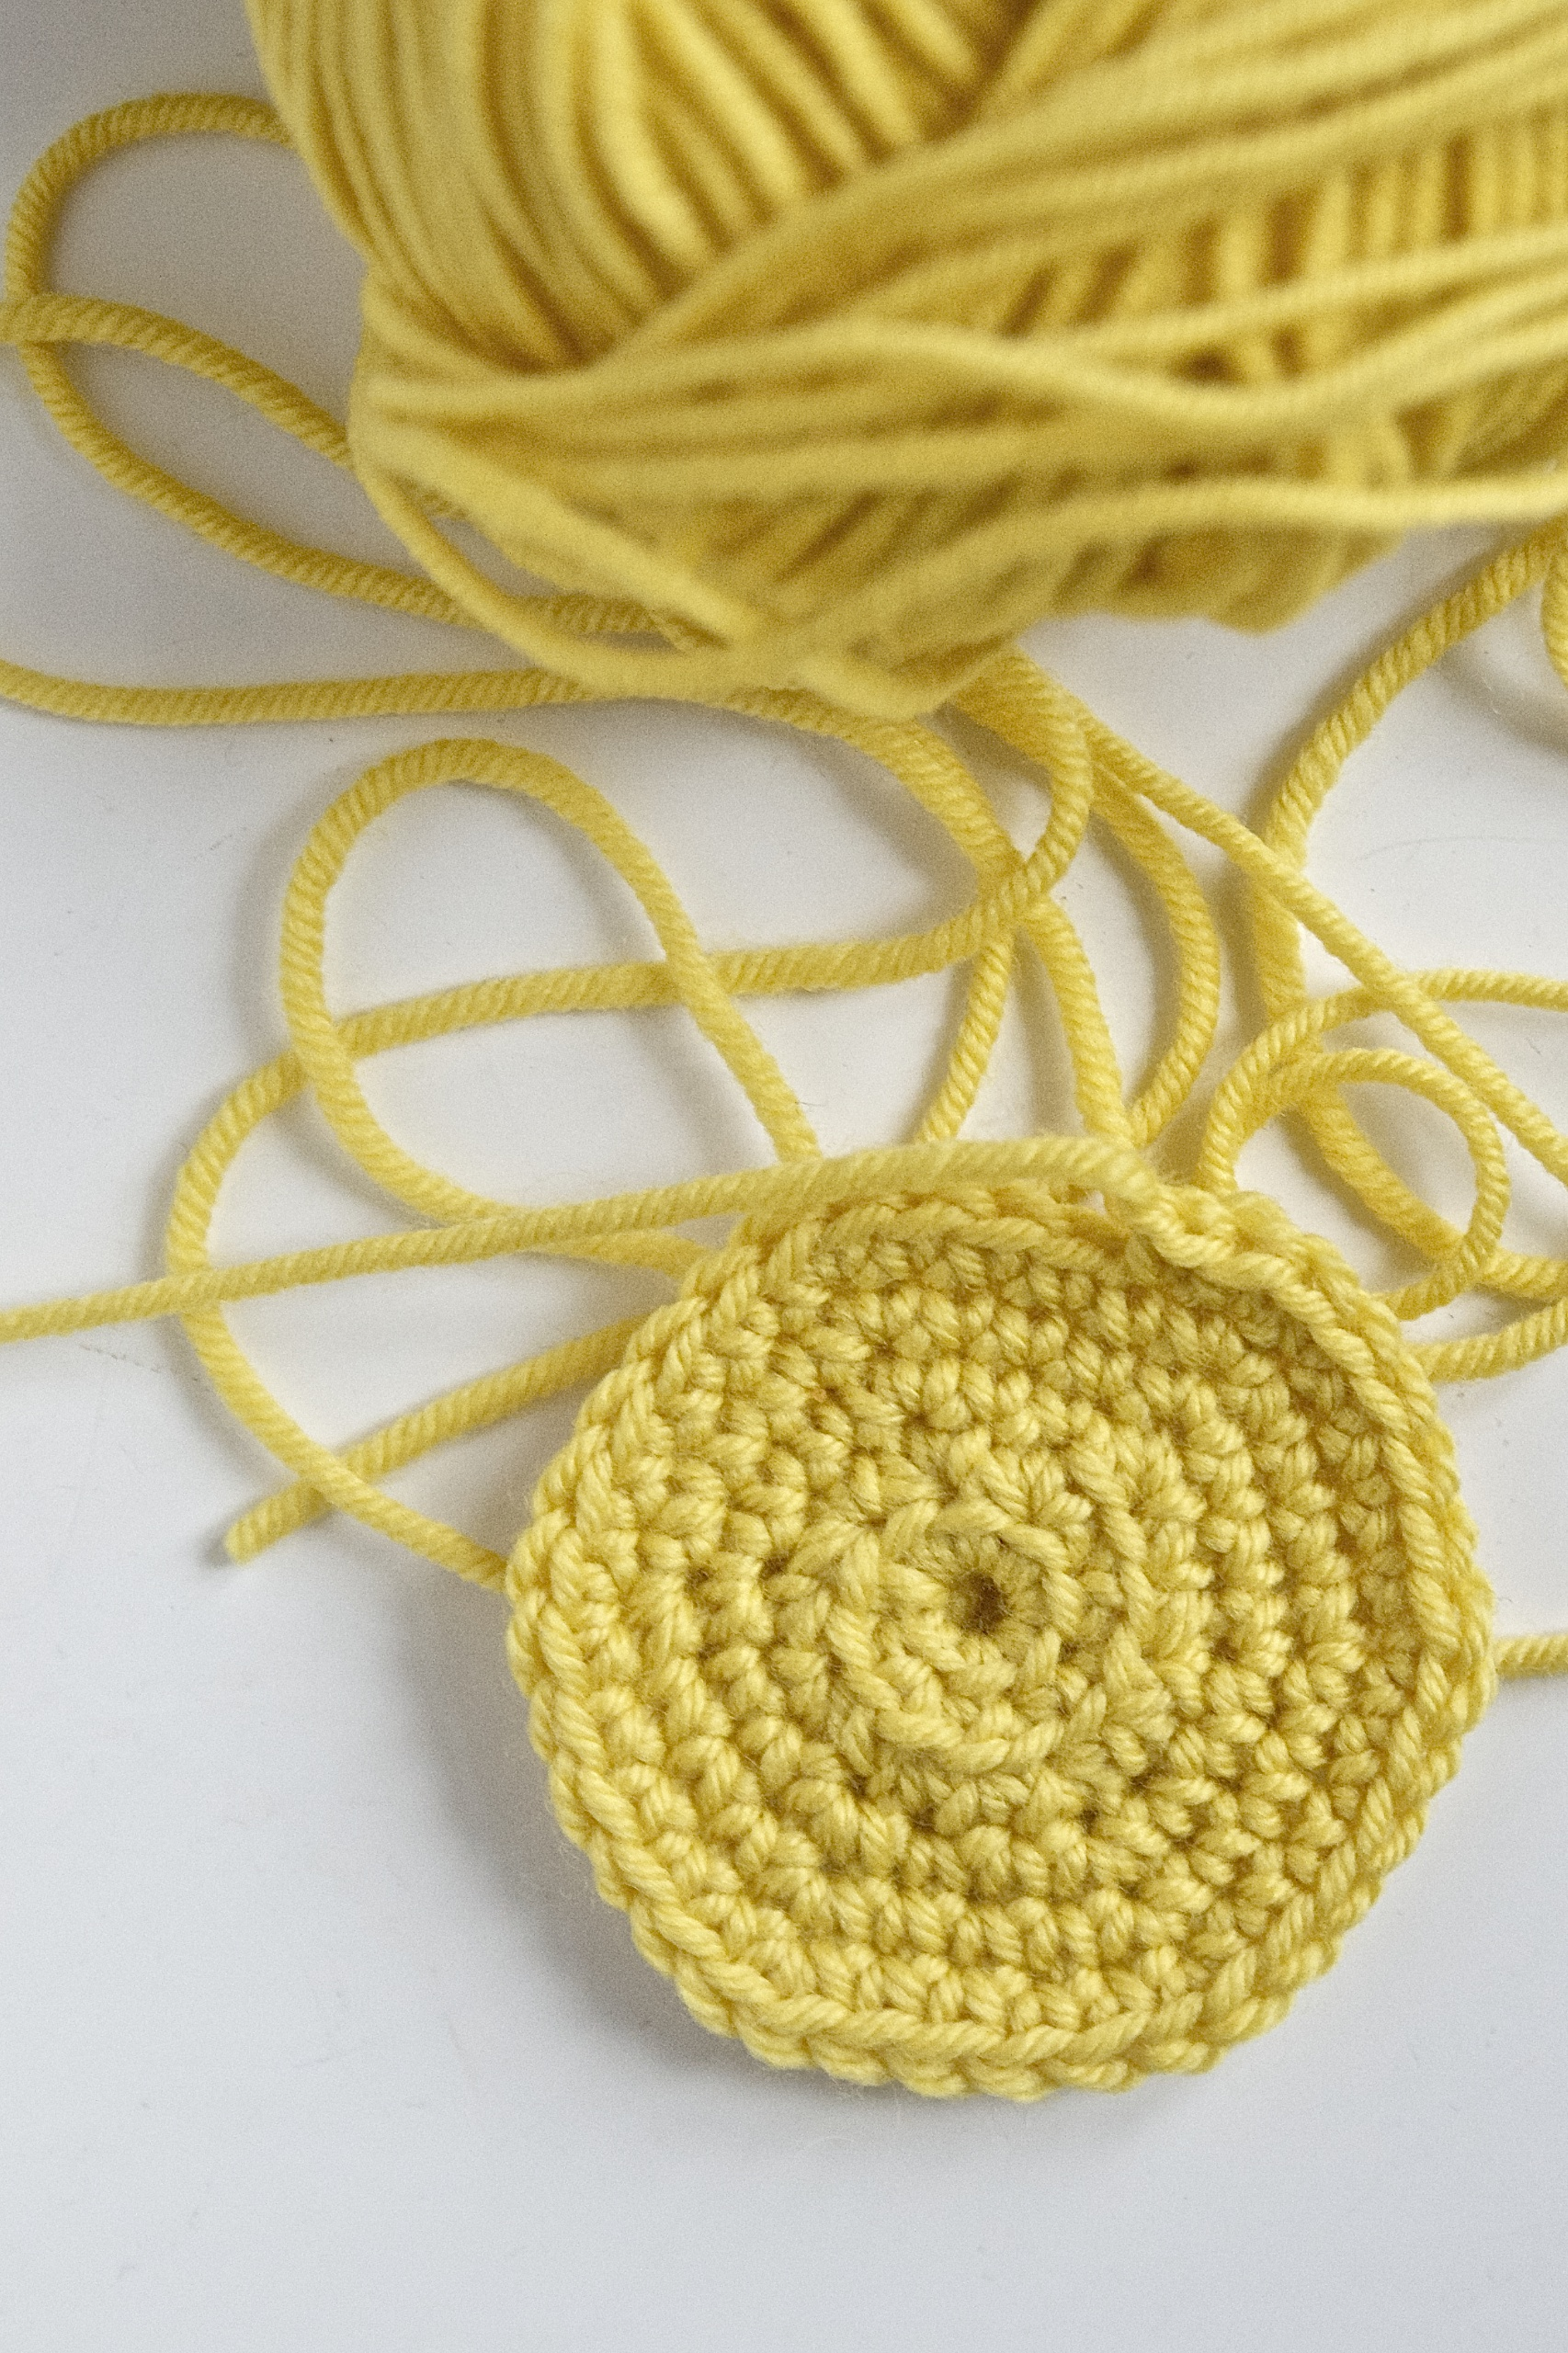 Wolle gelb, Wollknäuel, gehäkelter Kreis, Kreis häkeln